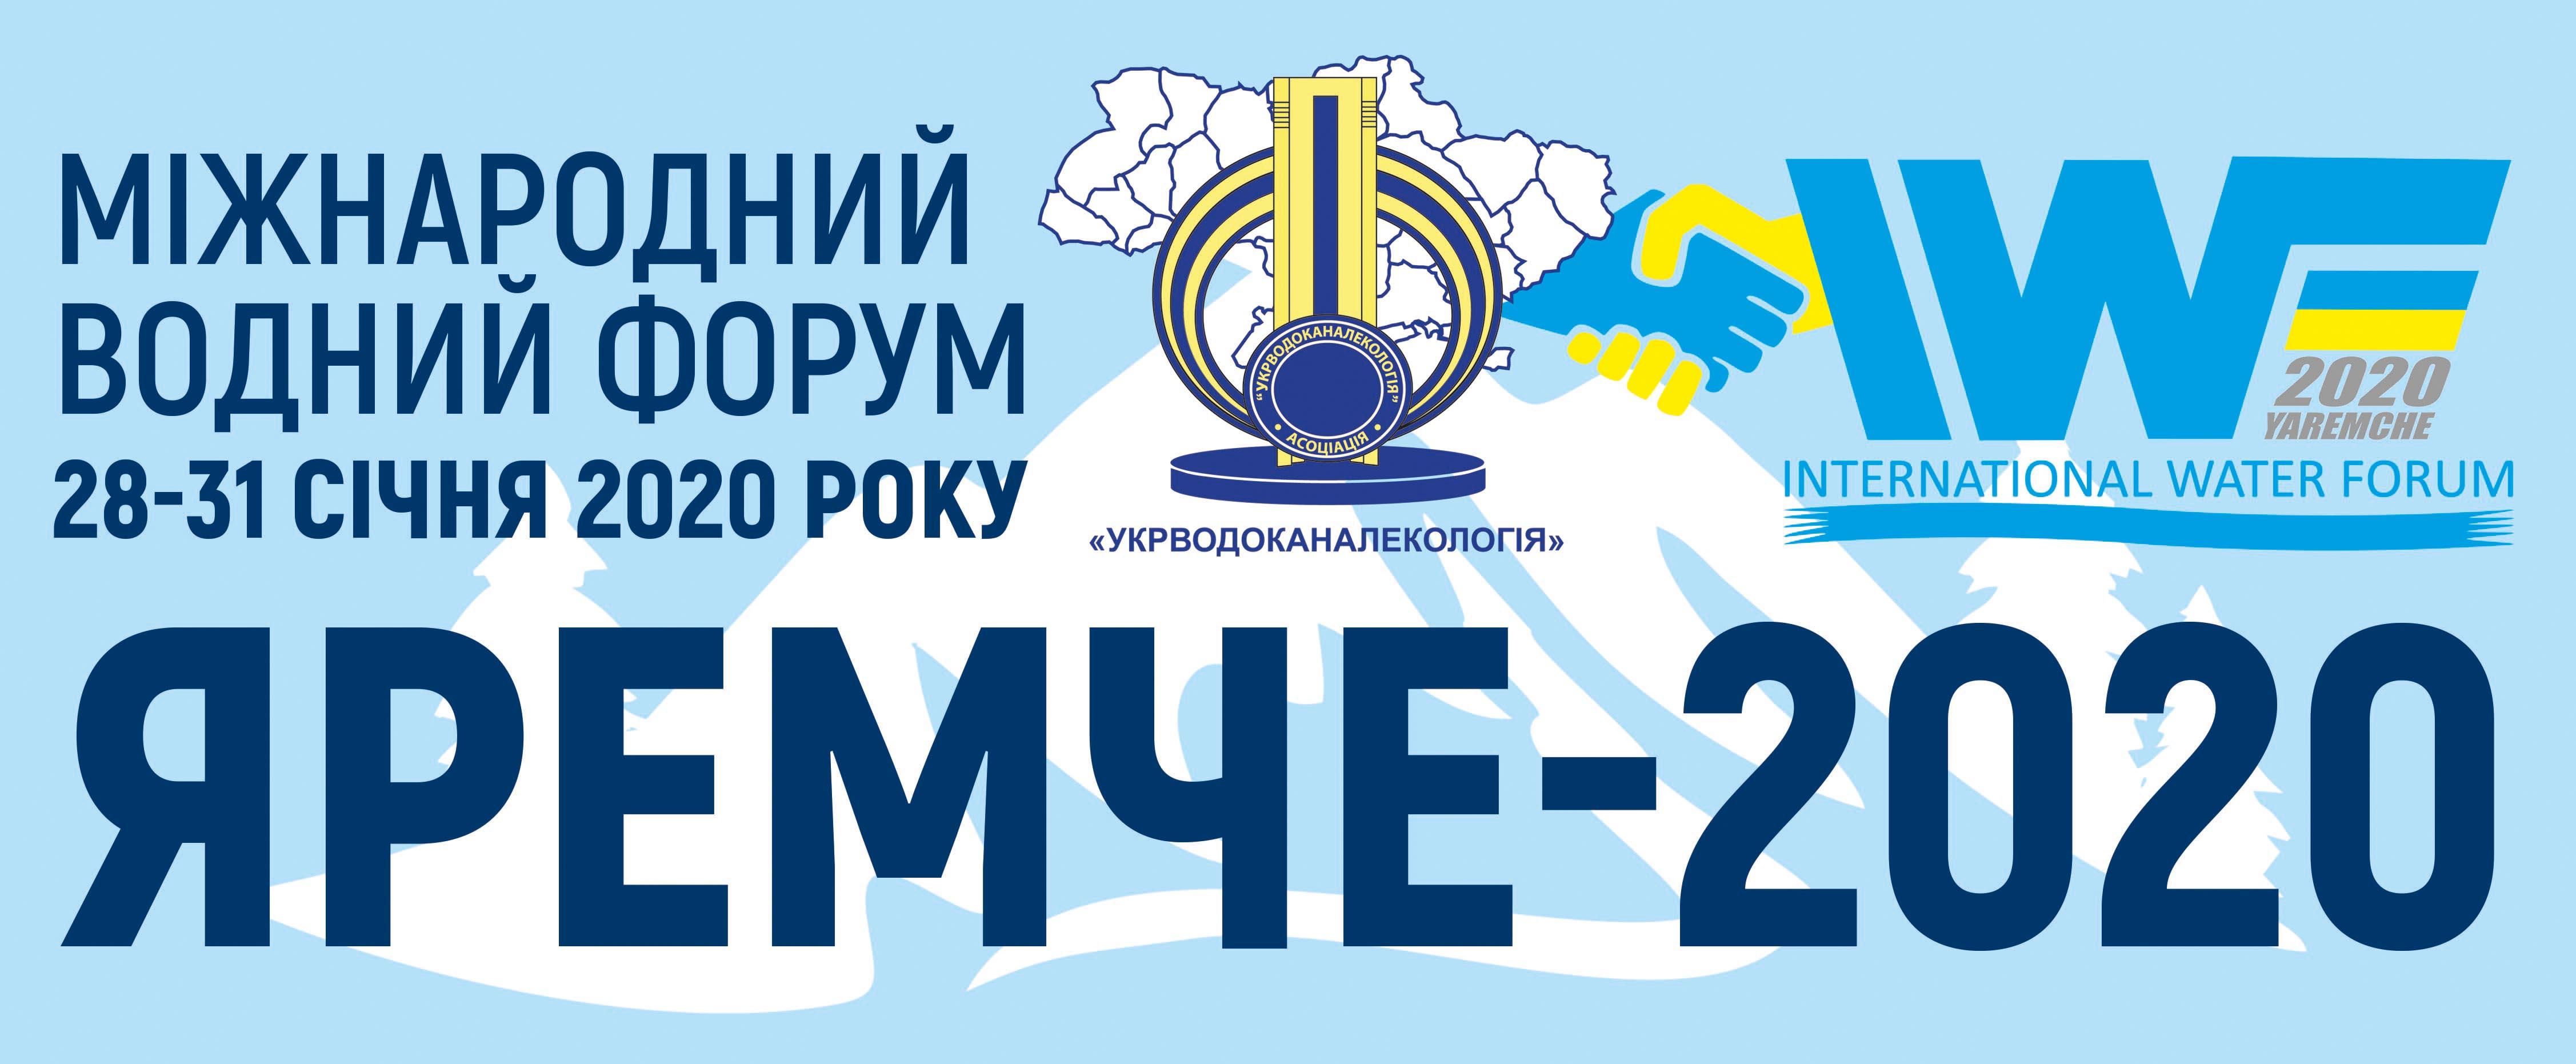 Міжнародний водний форум  Яремче 2020